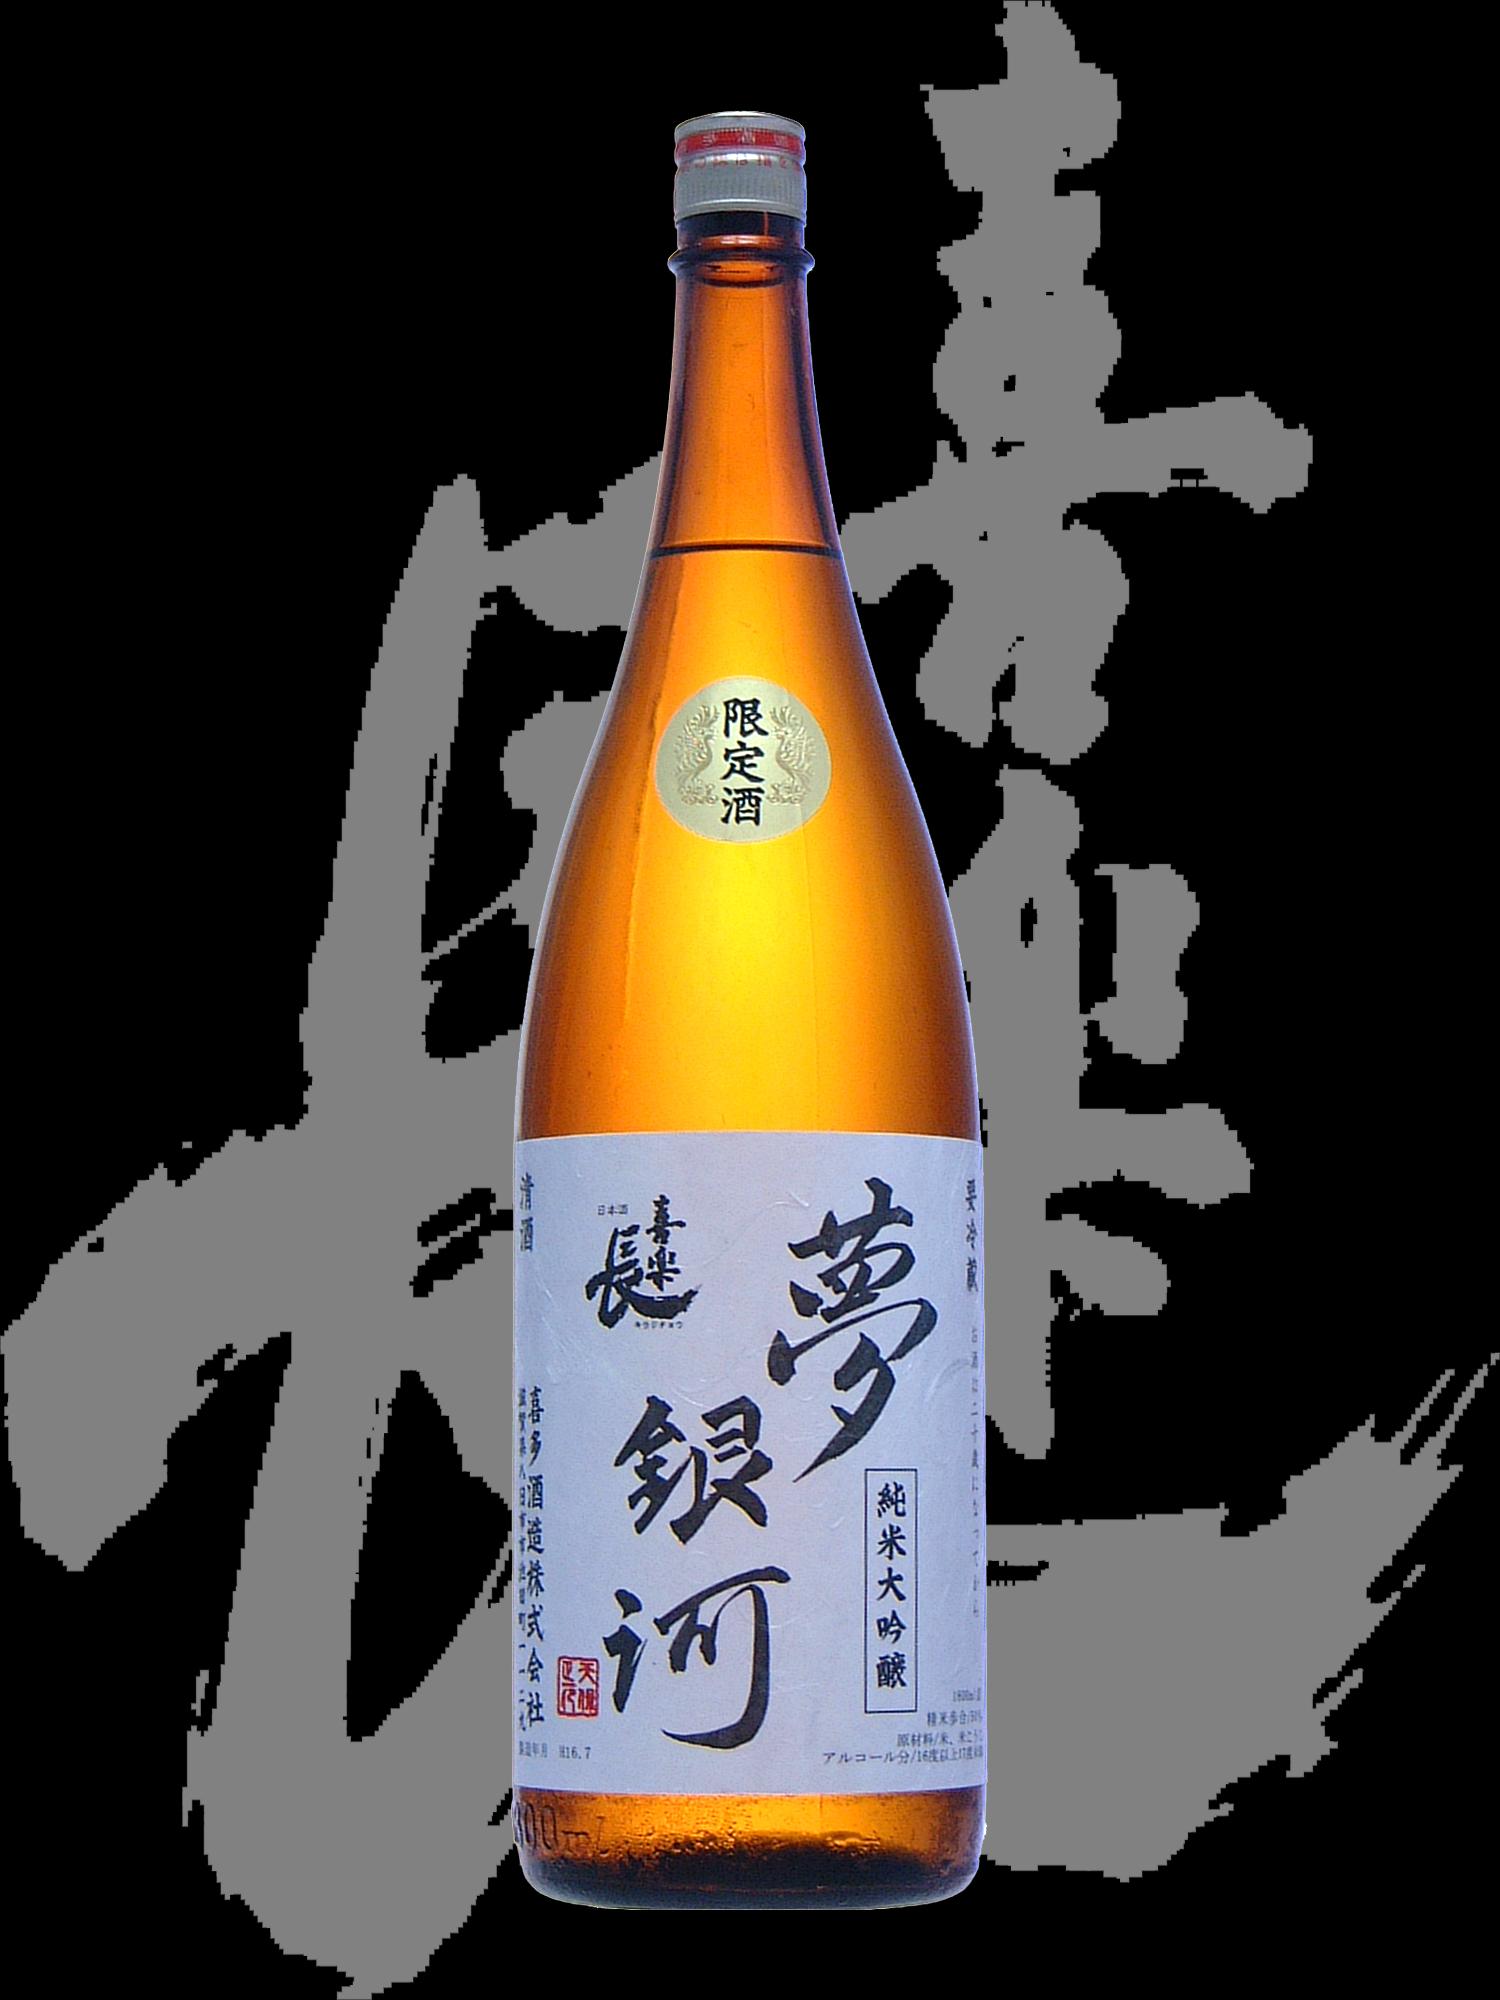 喜楽長(きらくちょう)「純米大吟醸」夢銀河